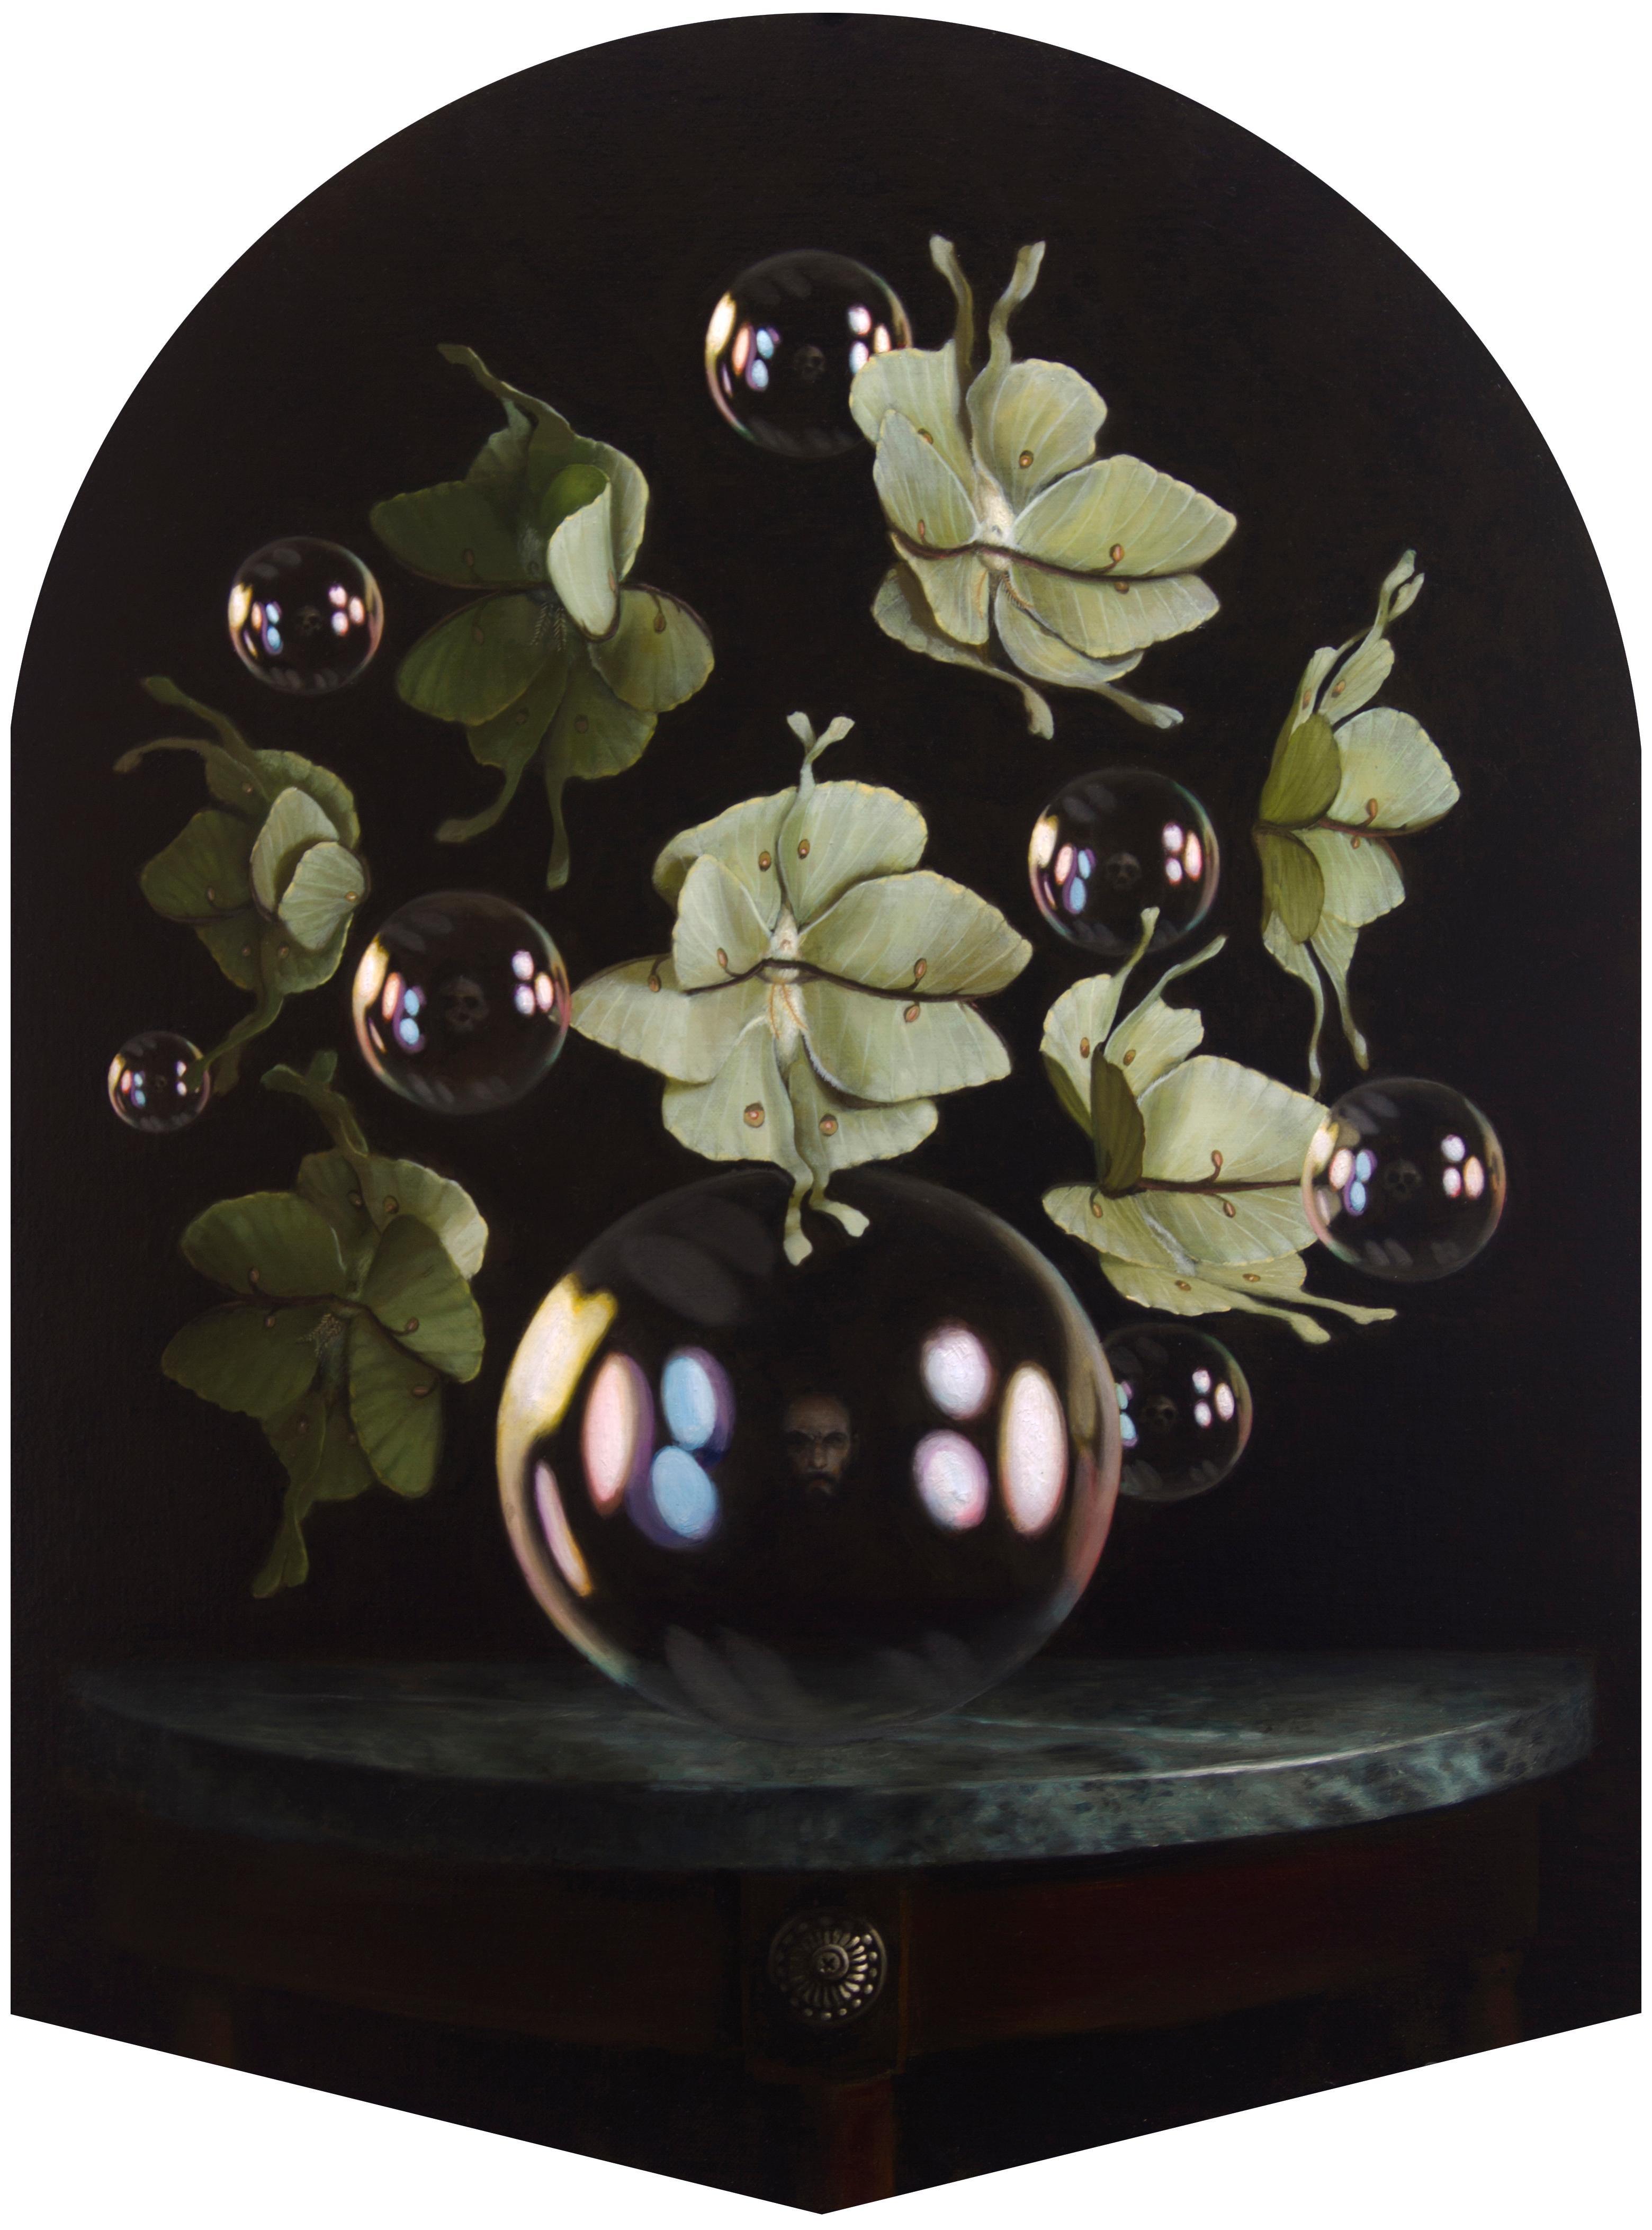 Arrangement VI, Contemporary Still Life, Flowers, Bubbles, Reflection